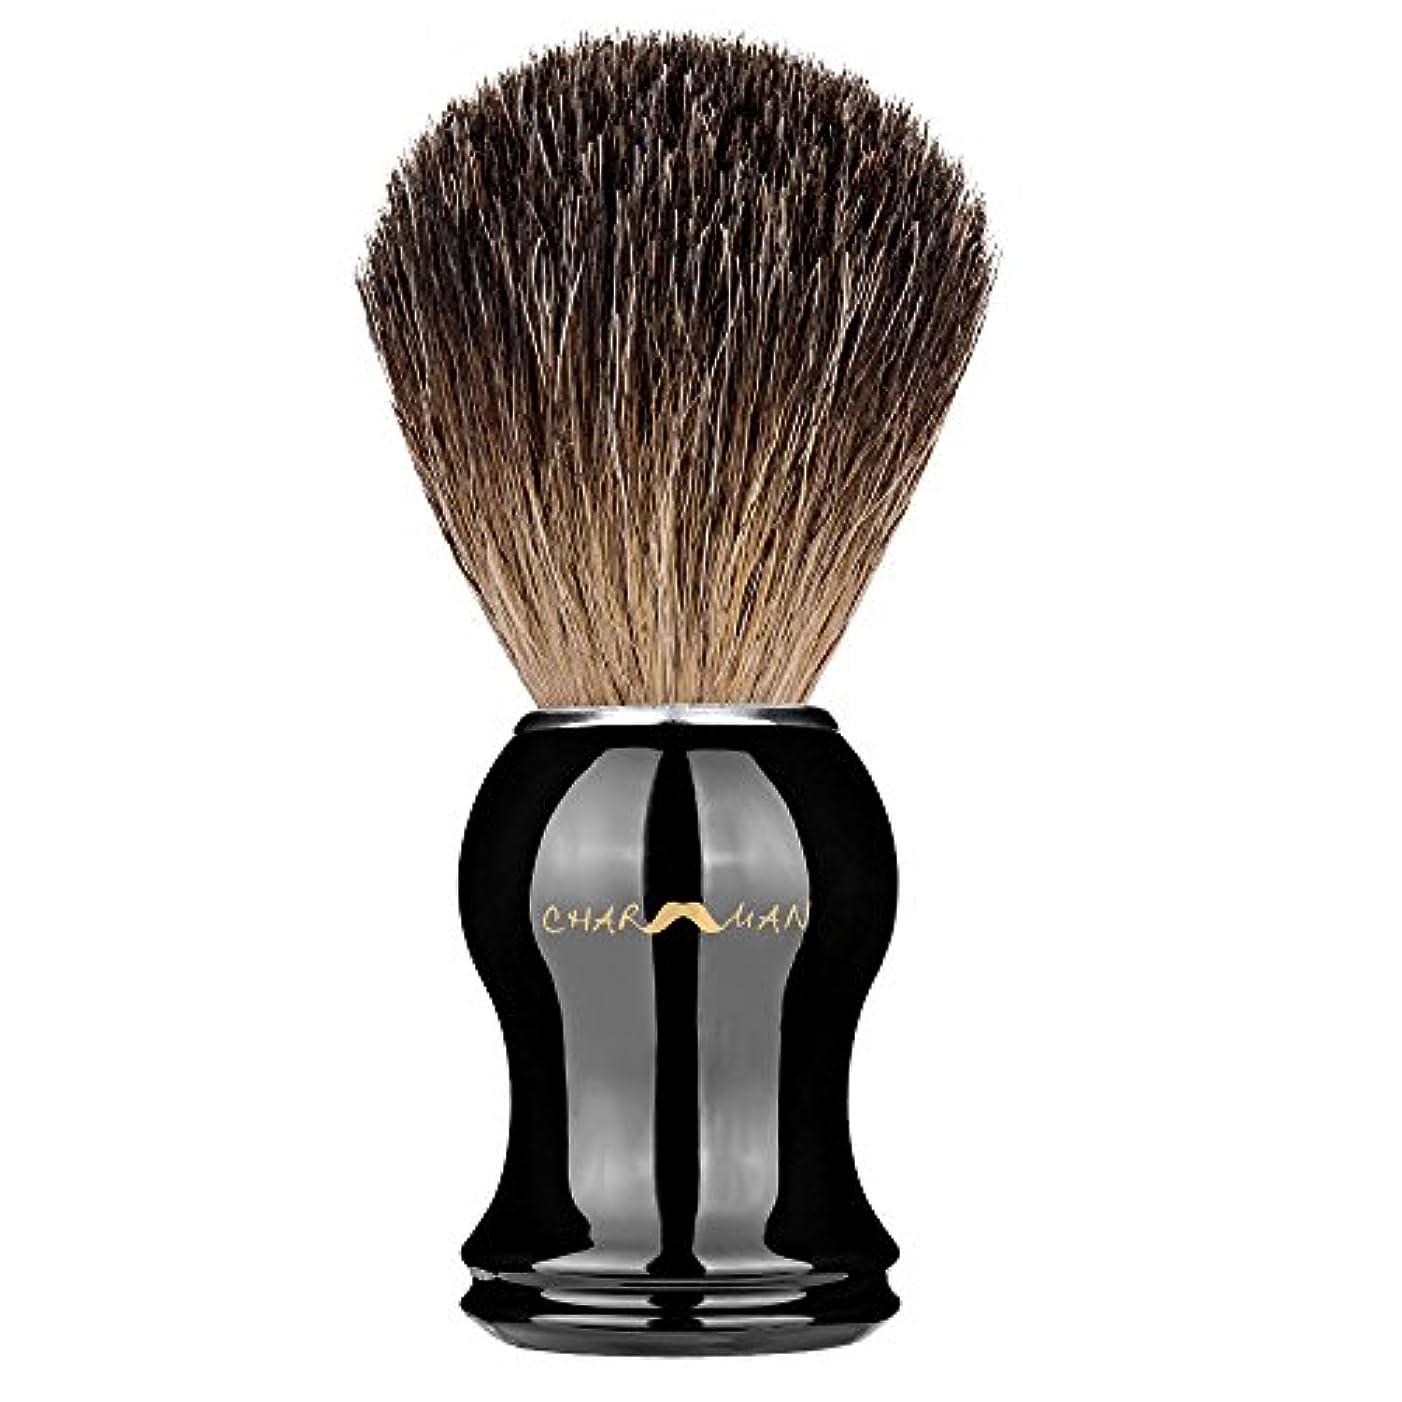 約設定剪断頂点charmmanクラッシク100%アナグマ毛シェービングブラシ ハンドメイド ギフト包装